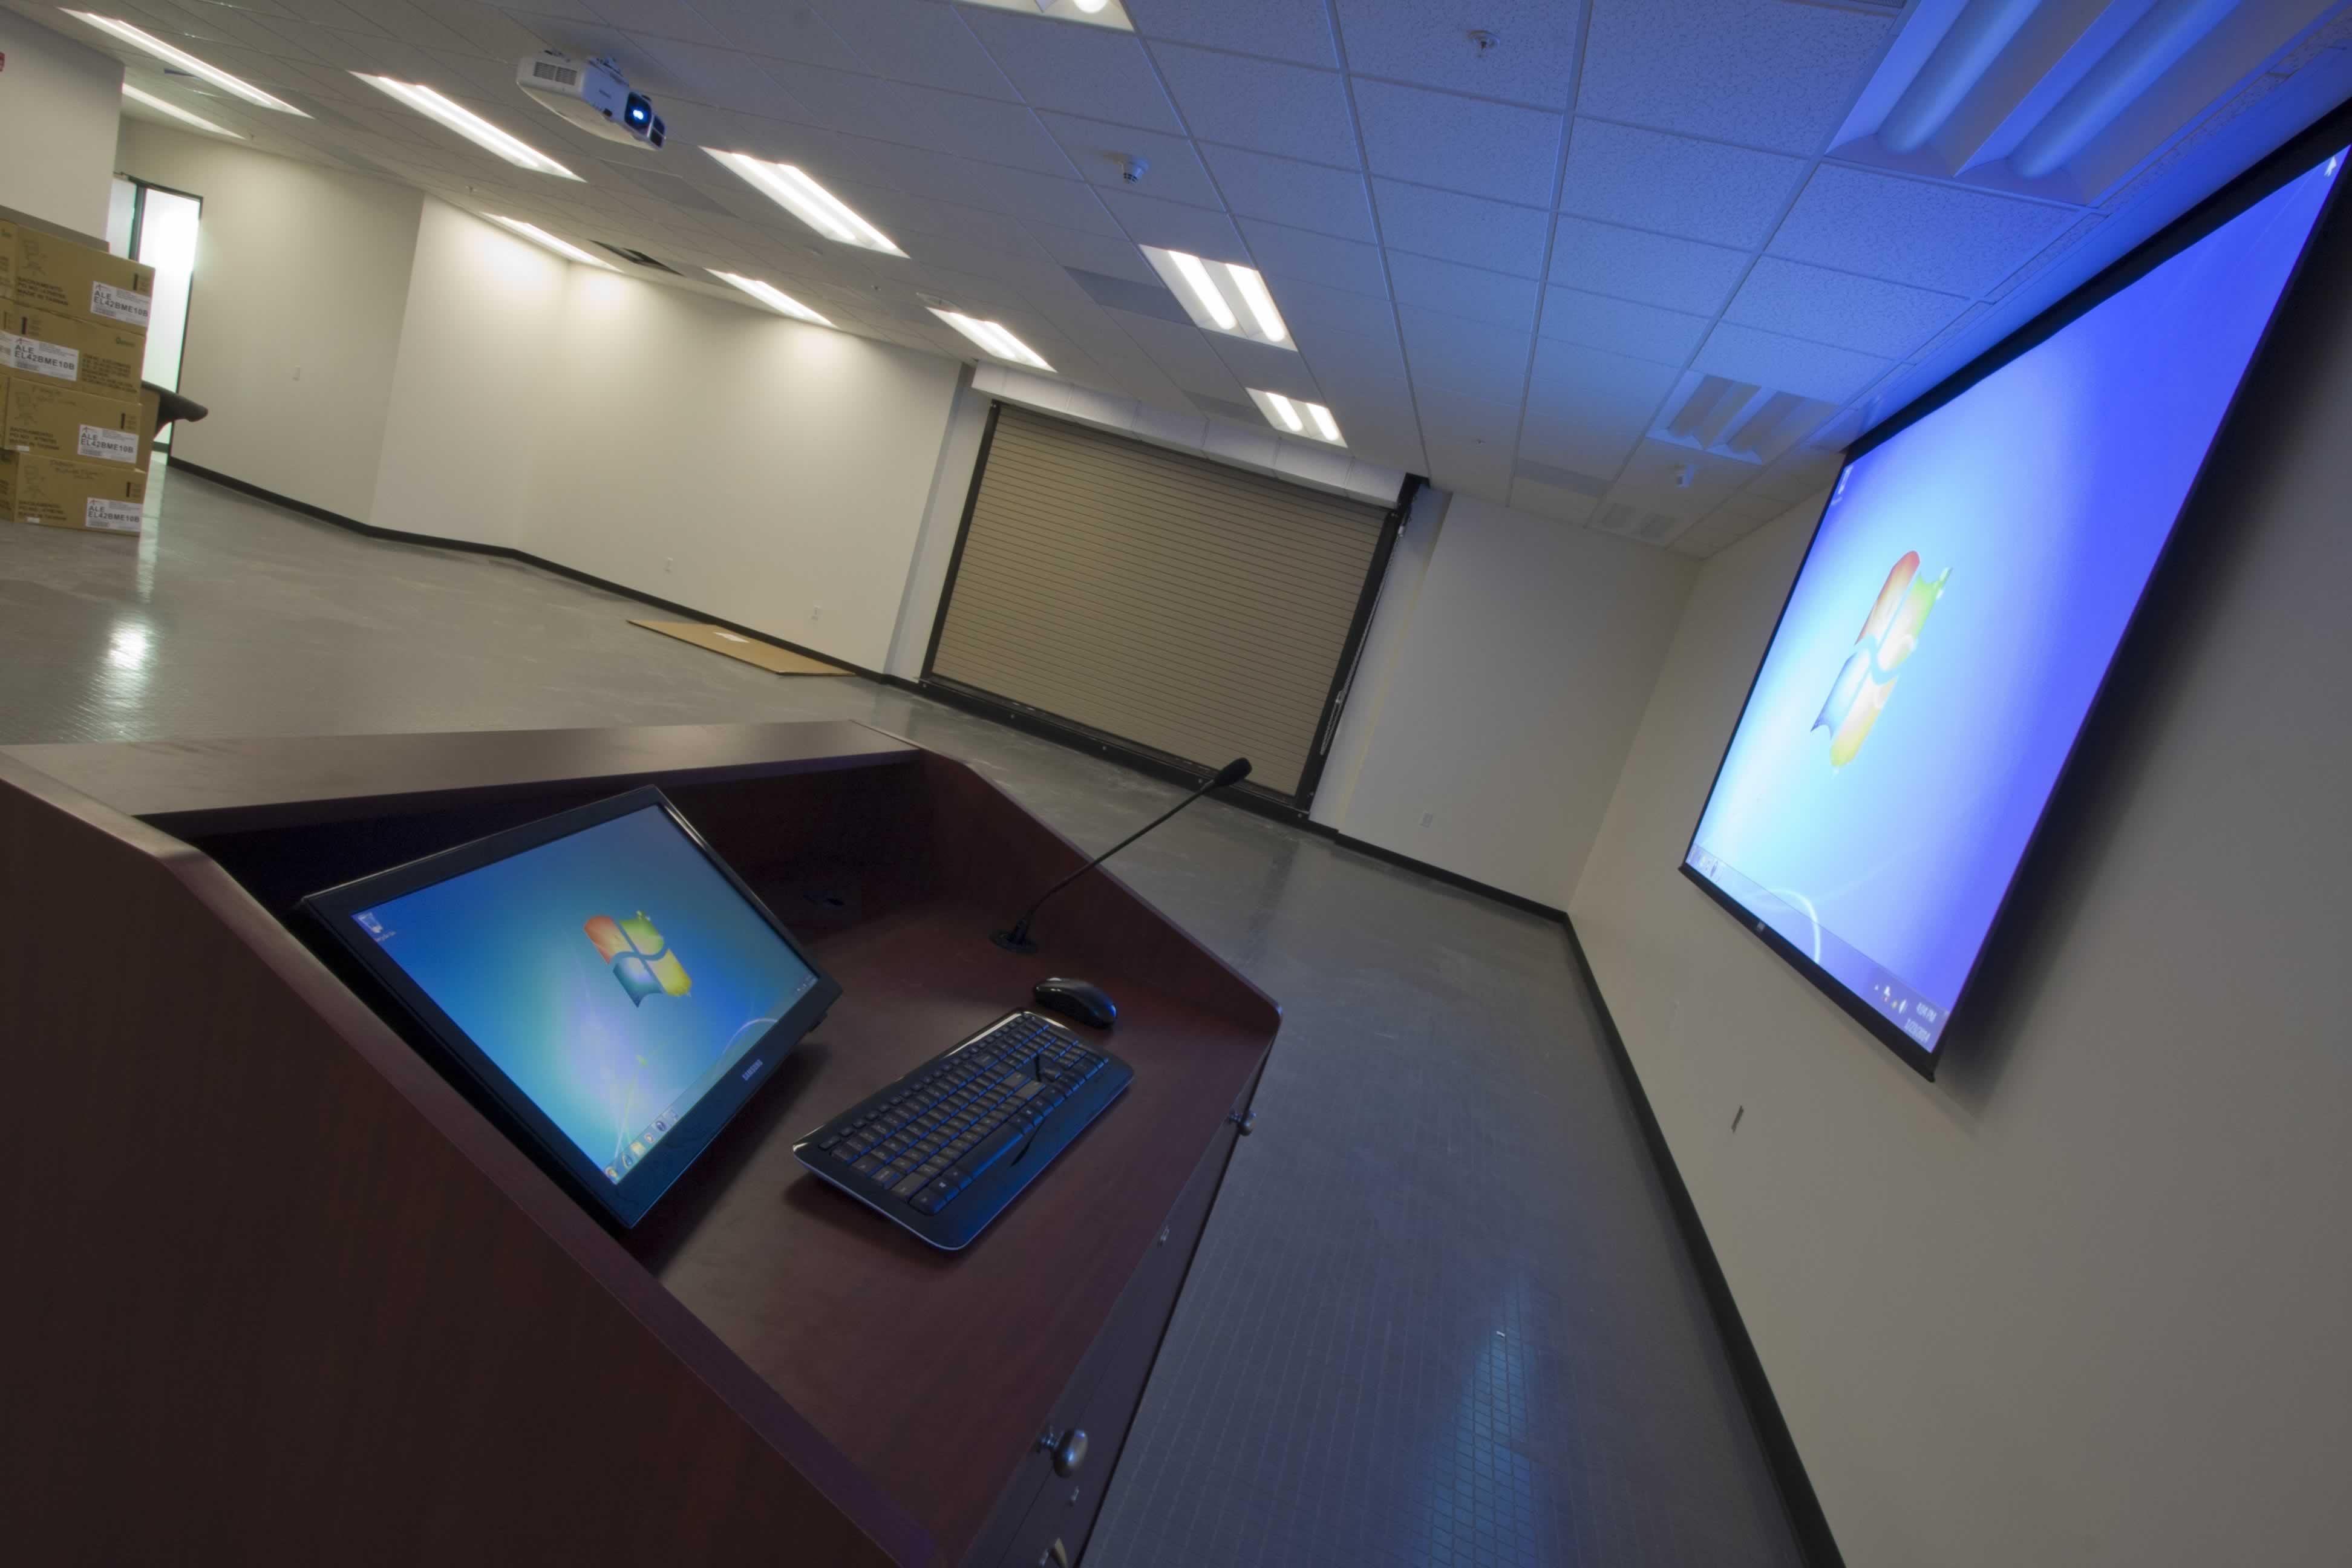 AV Presentation Systems